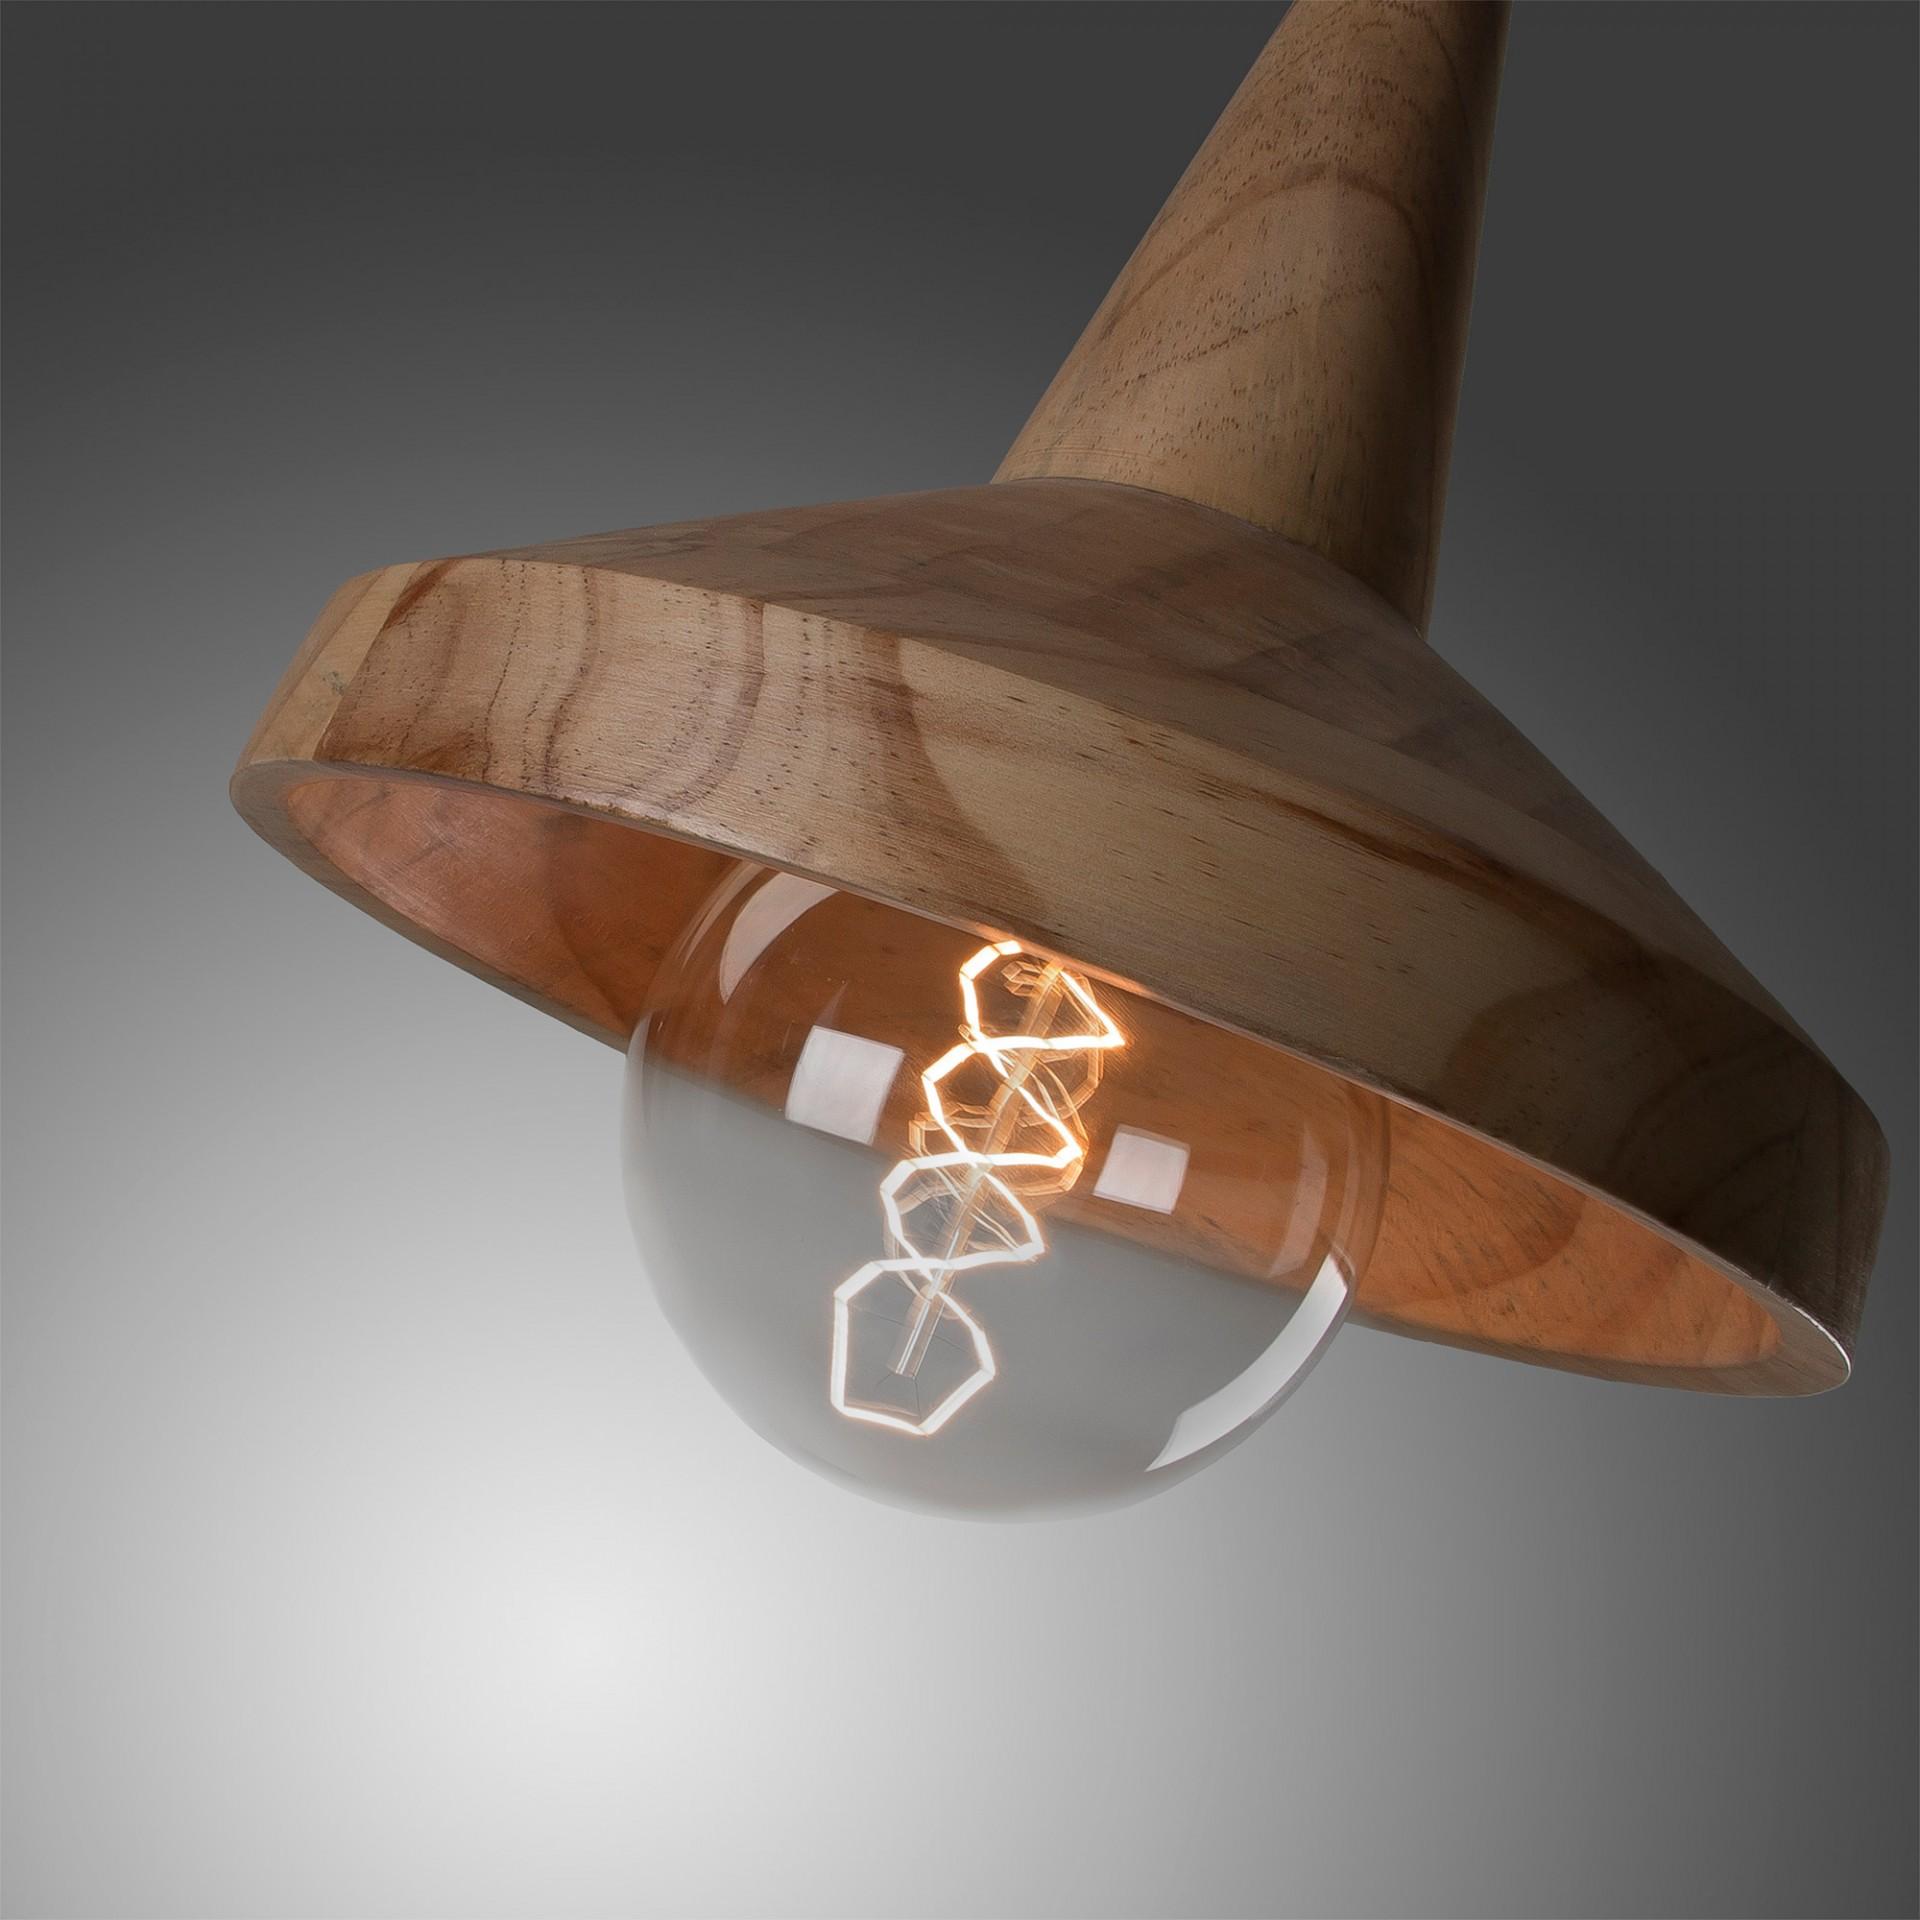 Candeeiro de tecto Ally, madeira manga, Ø28x25 cm